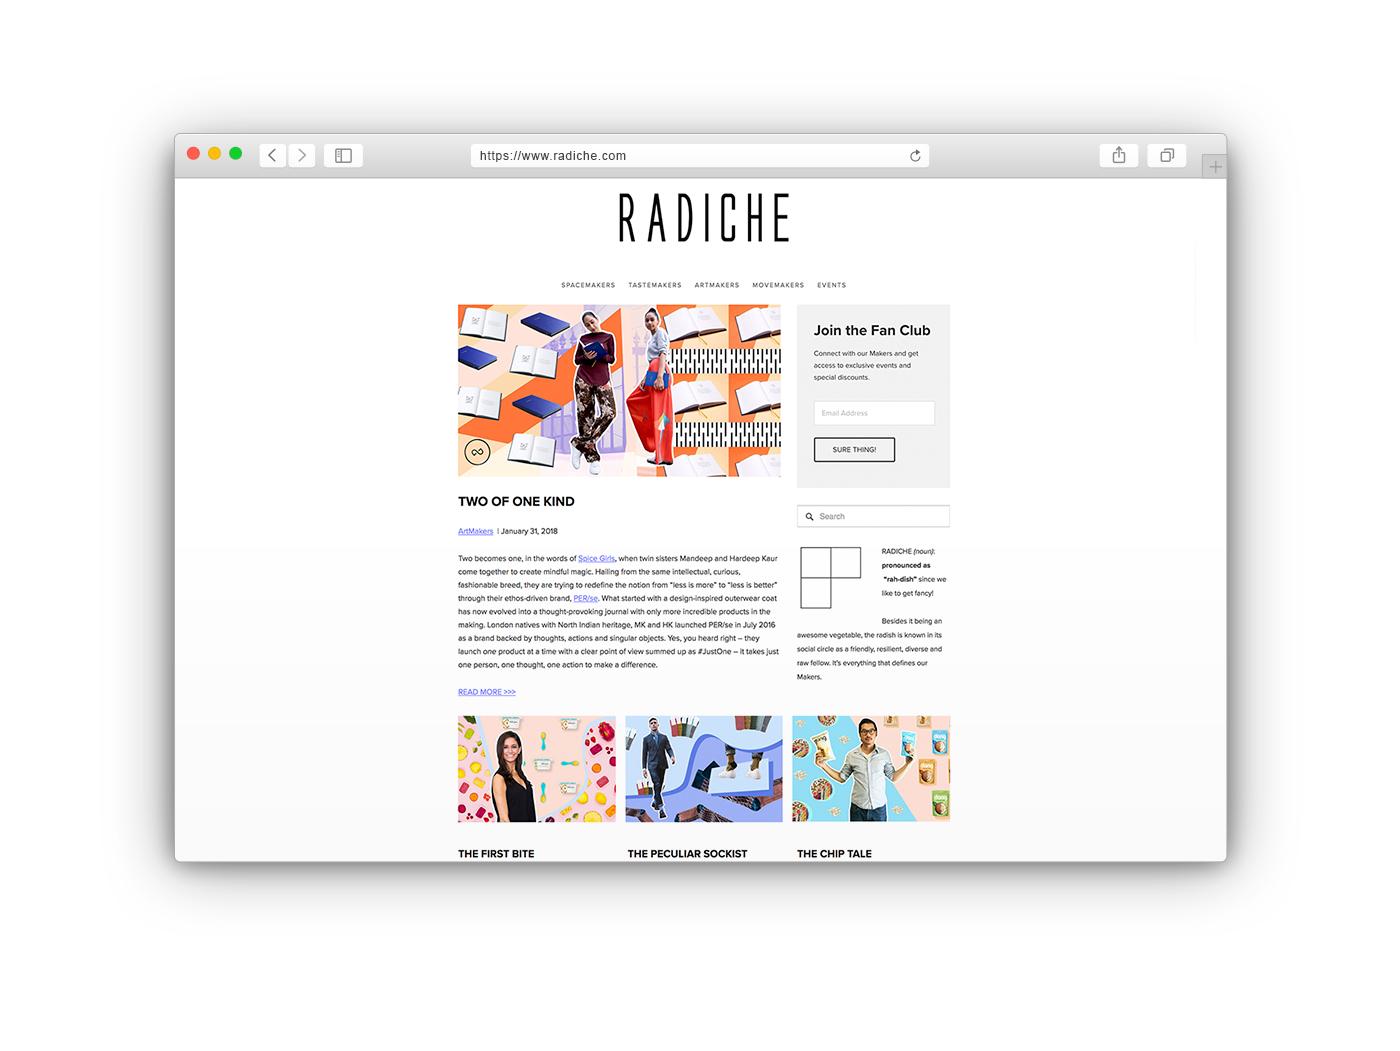 homepage-radiche-mockup-2.jpg